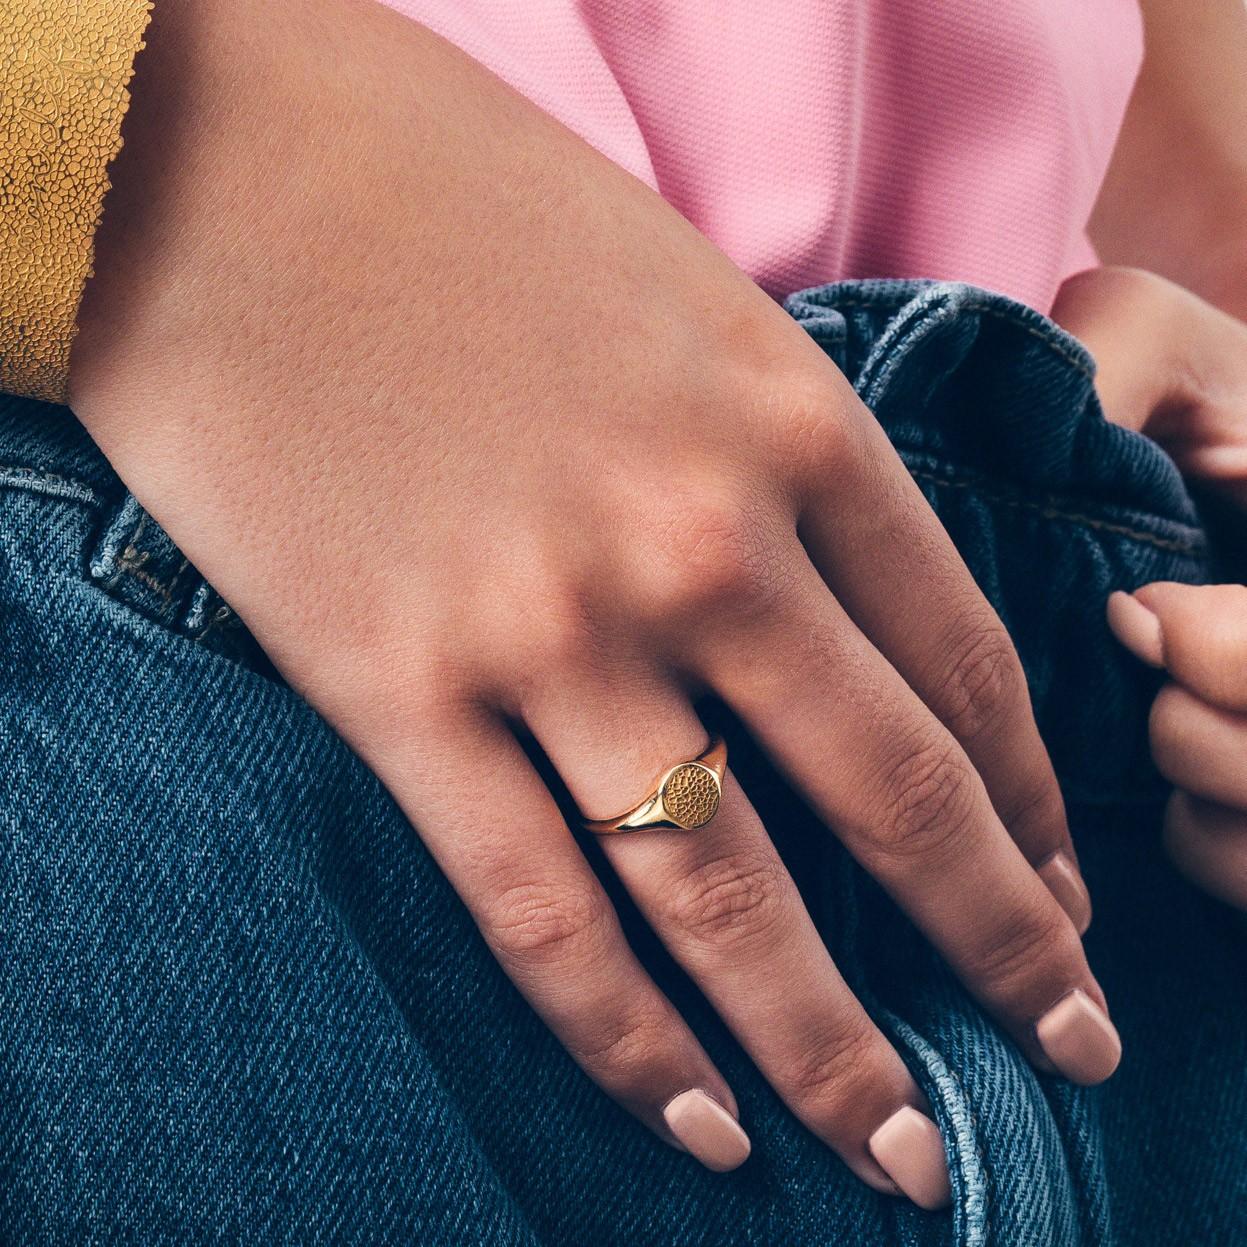 Srebrny pierścionek ze wzorkiem, MON DÉFI, 925